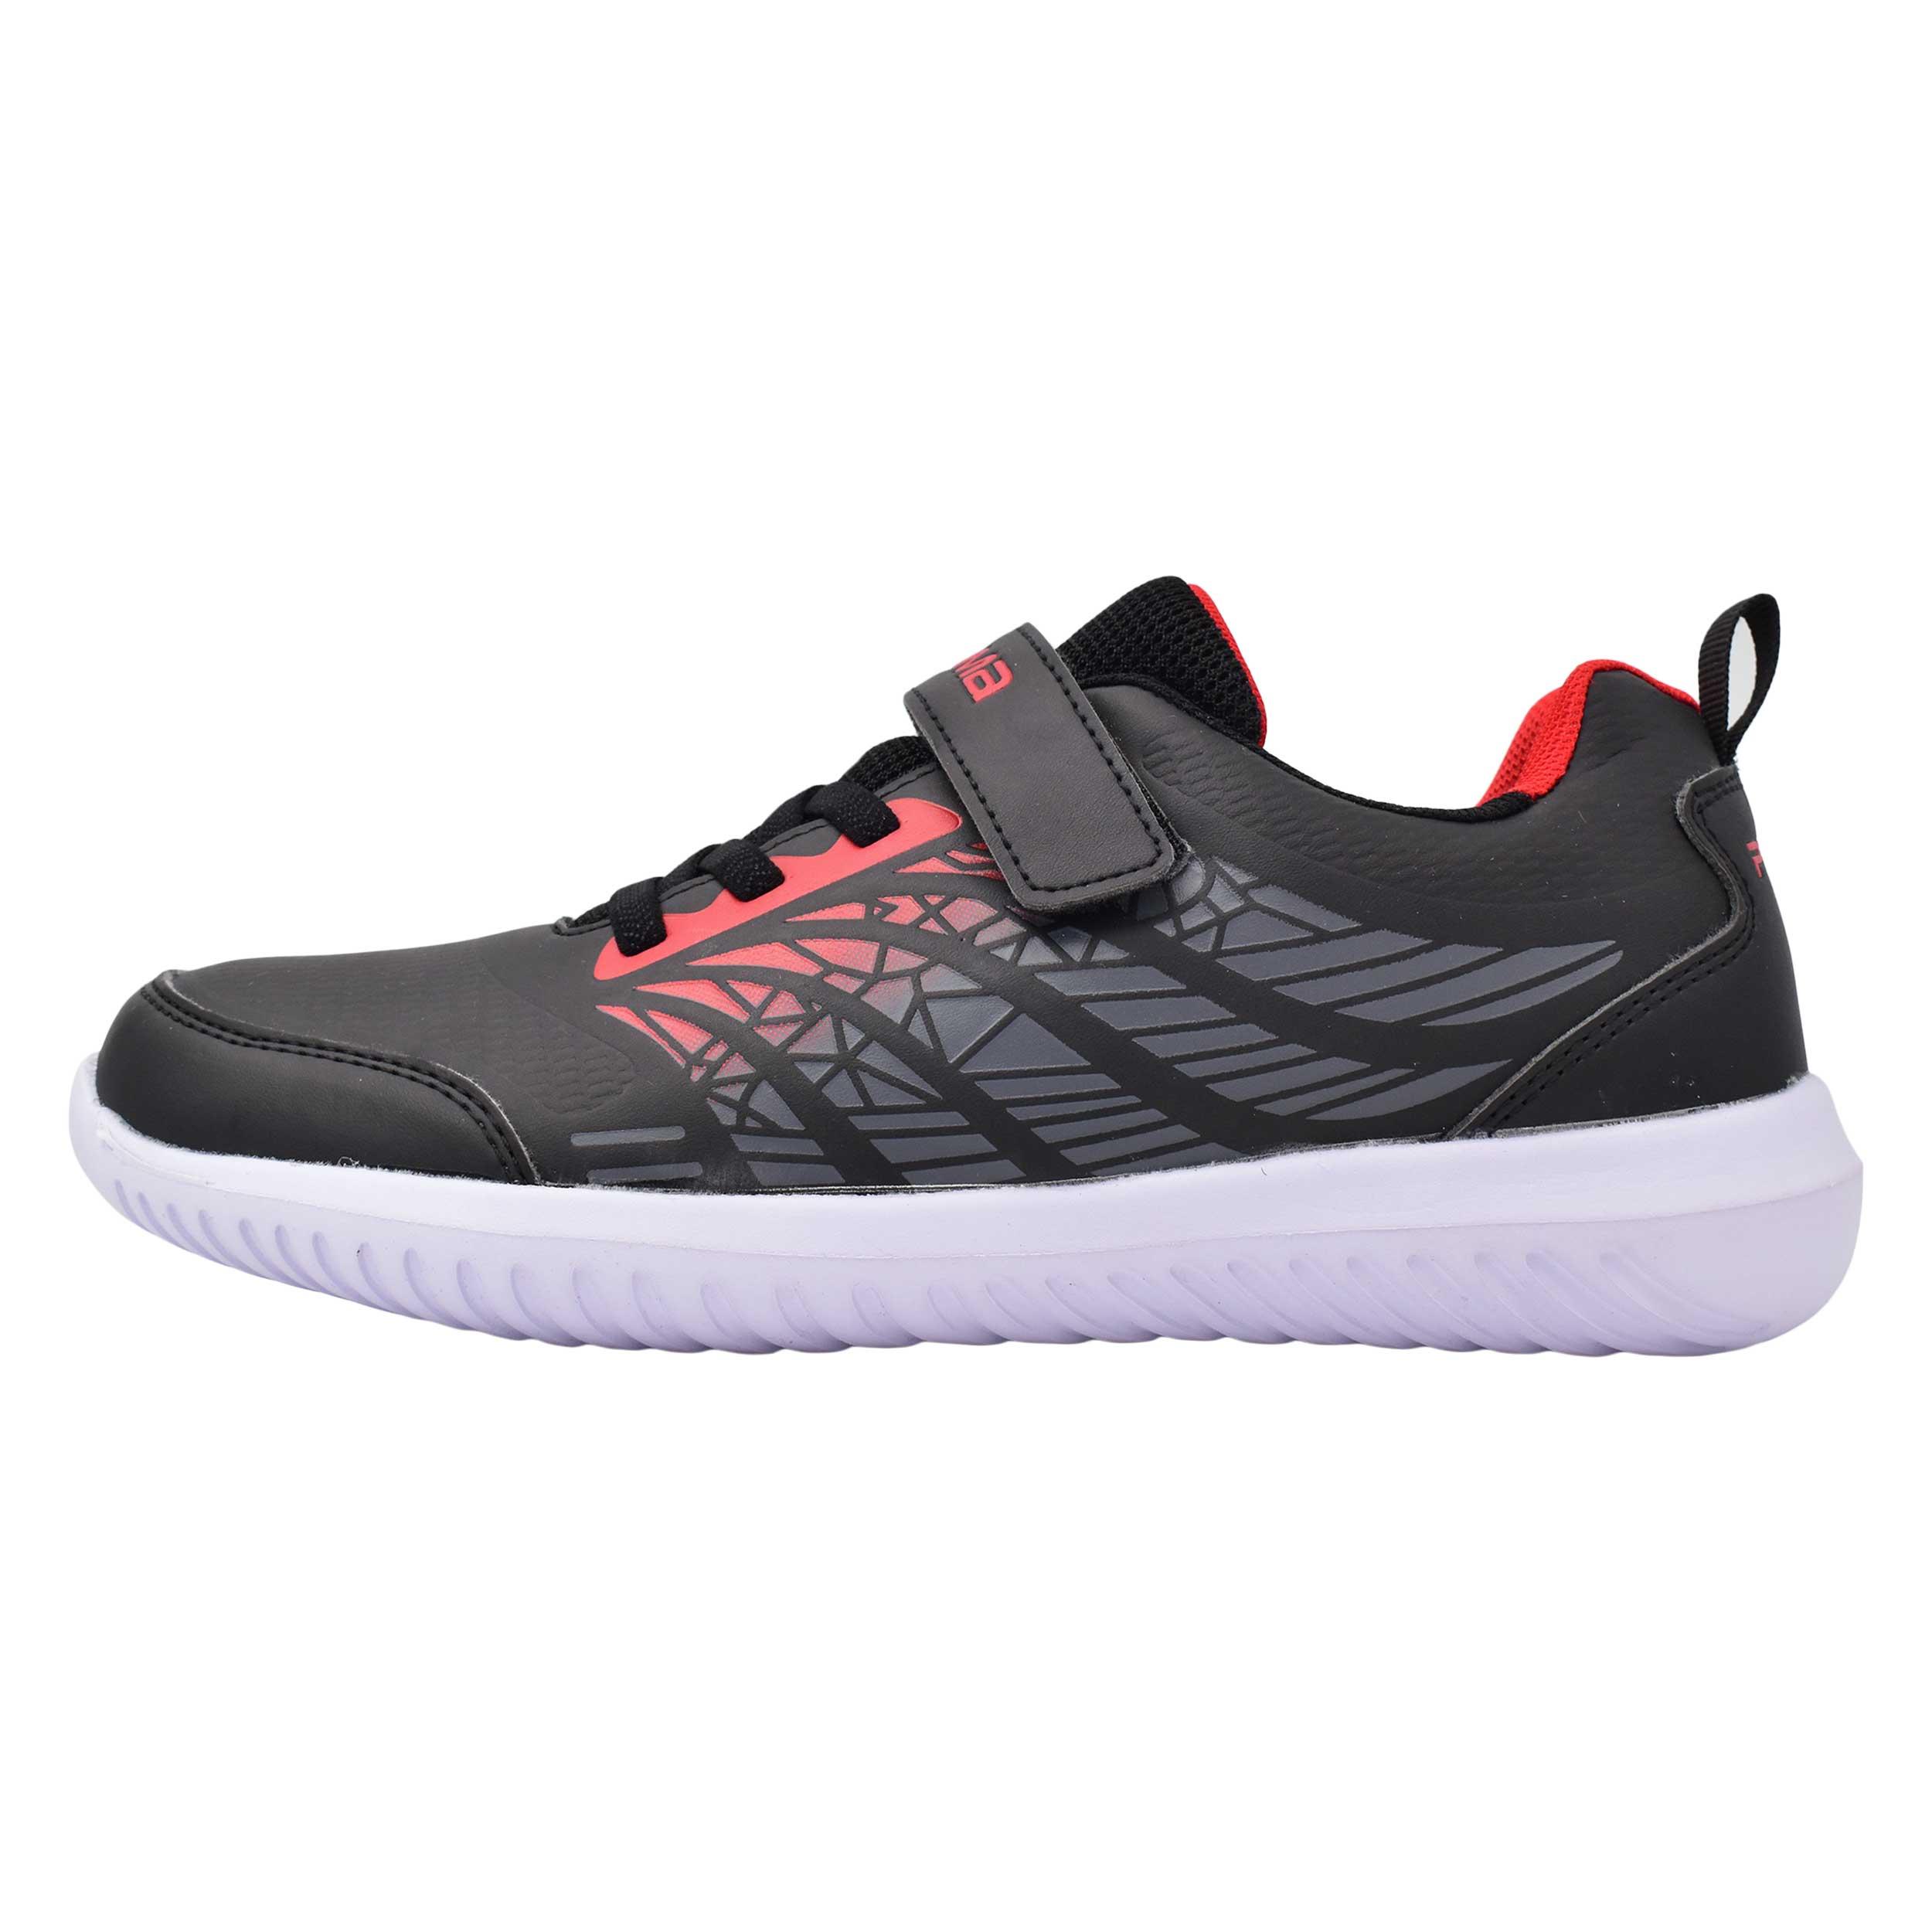 کفش مخصوص پیاده روی زنانه پاما مدل تندگام کد G1001